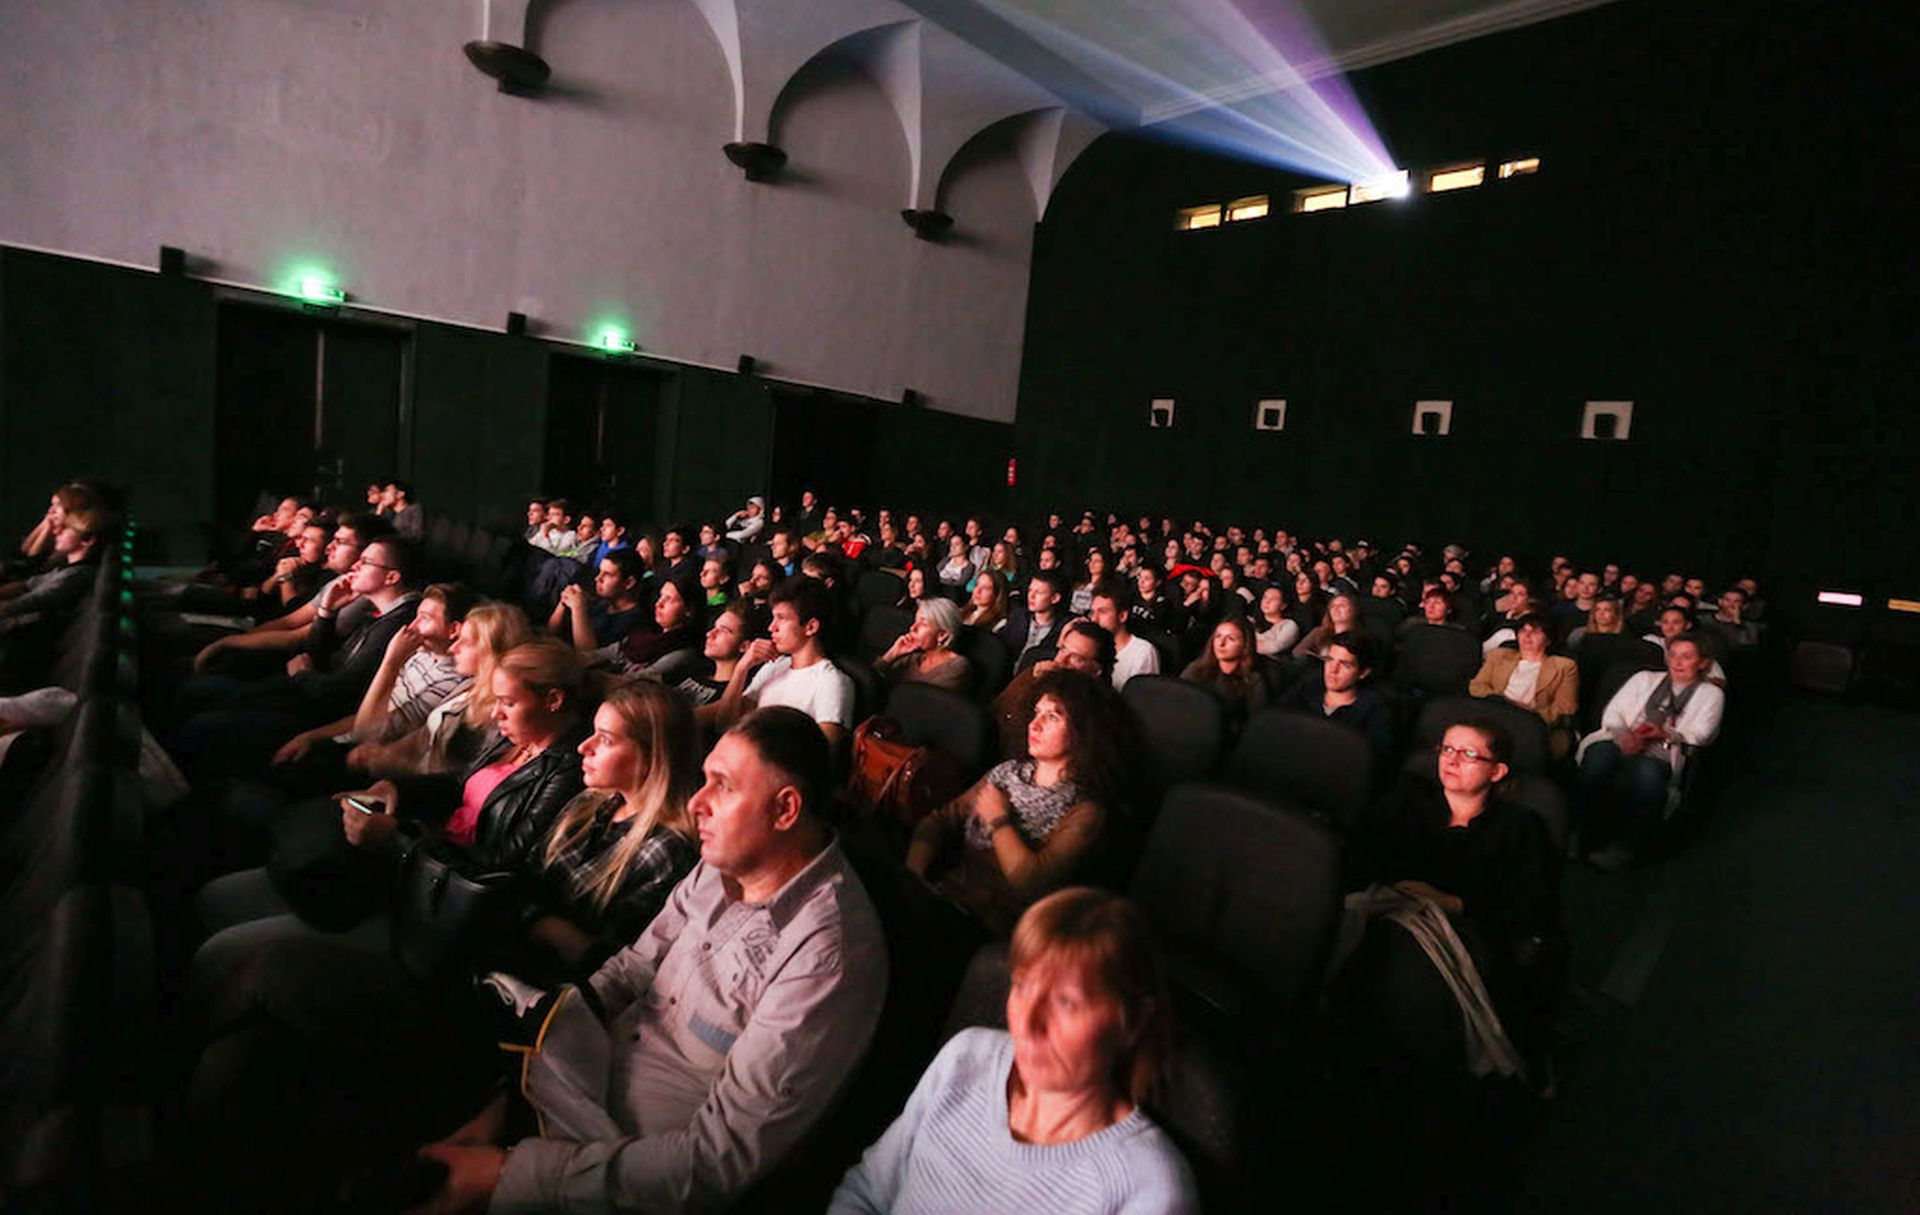 HFS: Budućnost kina Tuškanac ozbiljno ugrožena